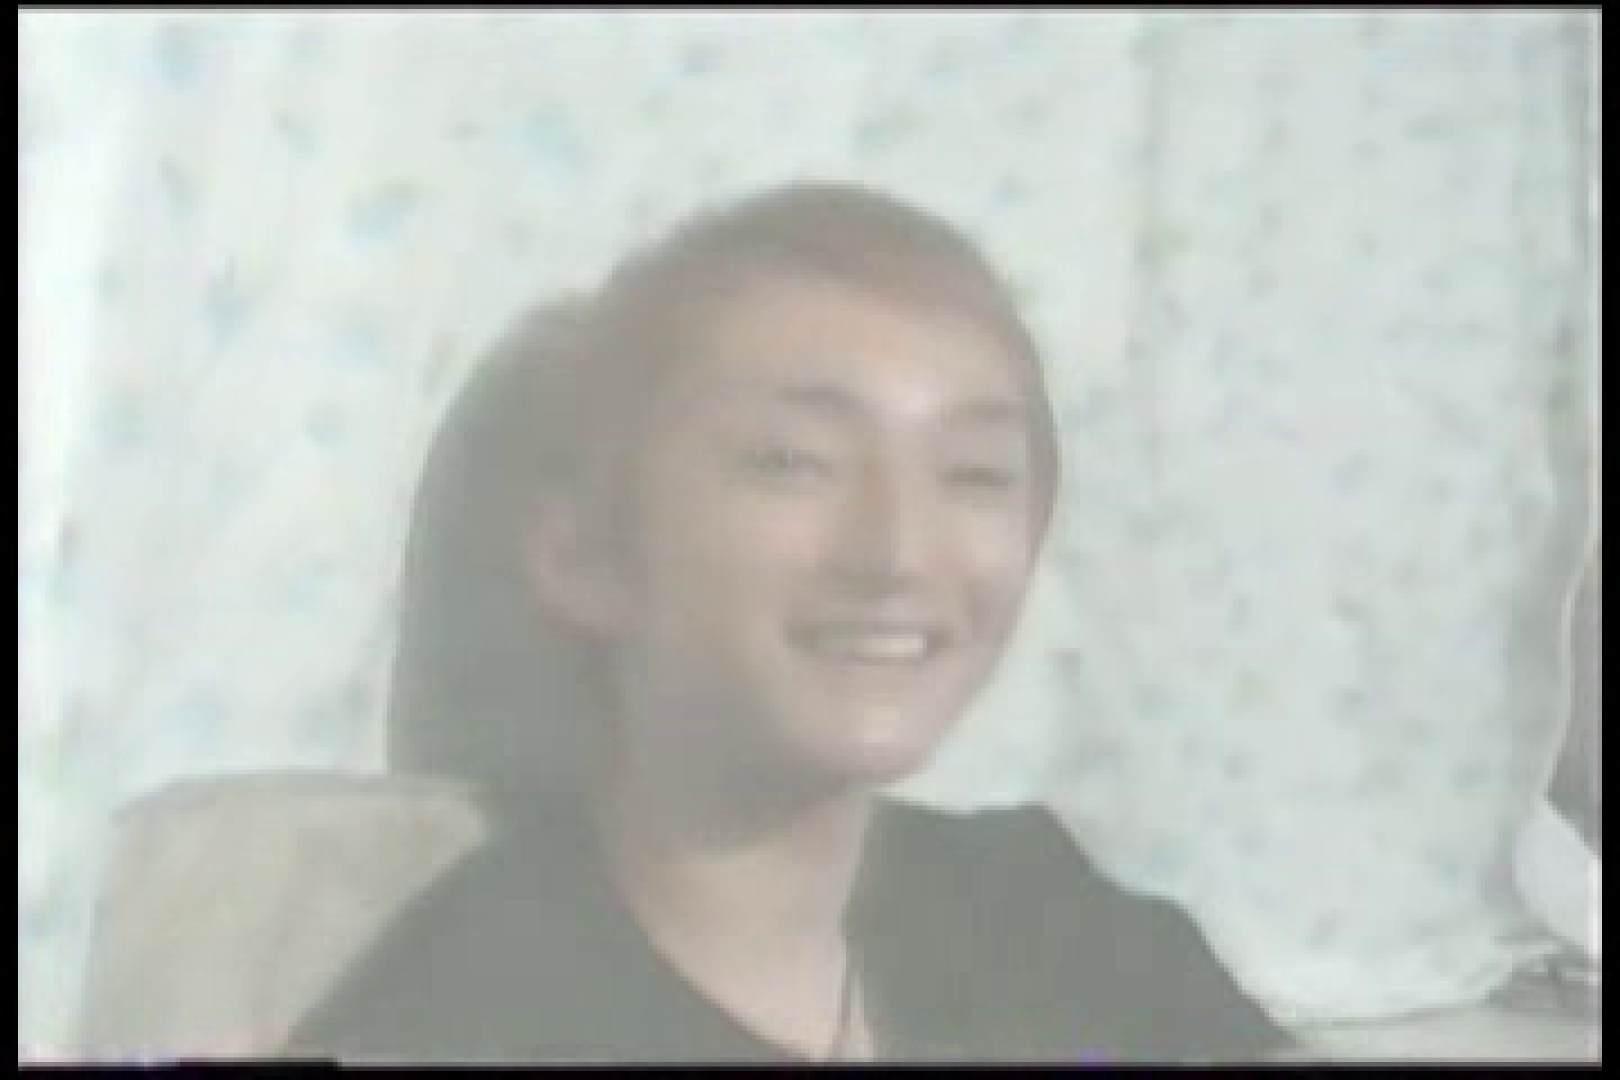 【流出】アイドルを目指したジャニ系イケメンの過去 射精 GAY無修正エロ動画 107枚 76